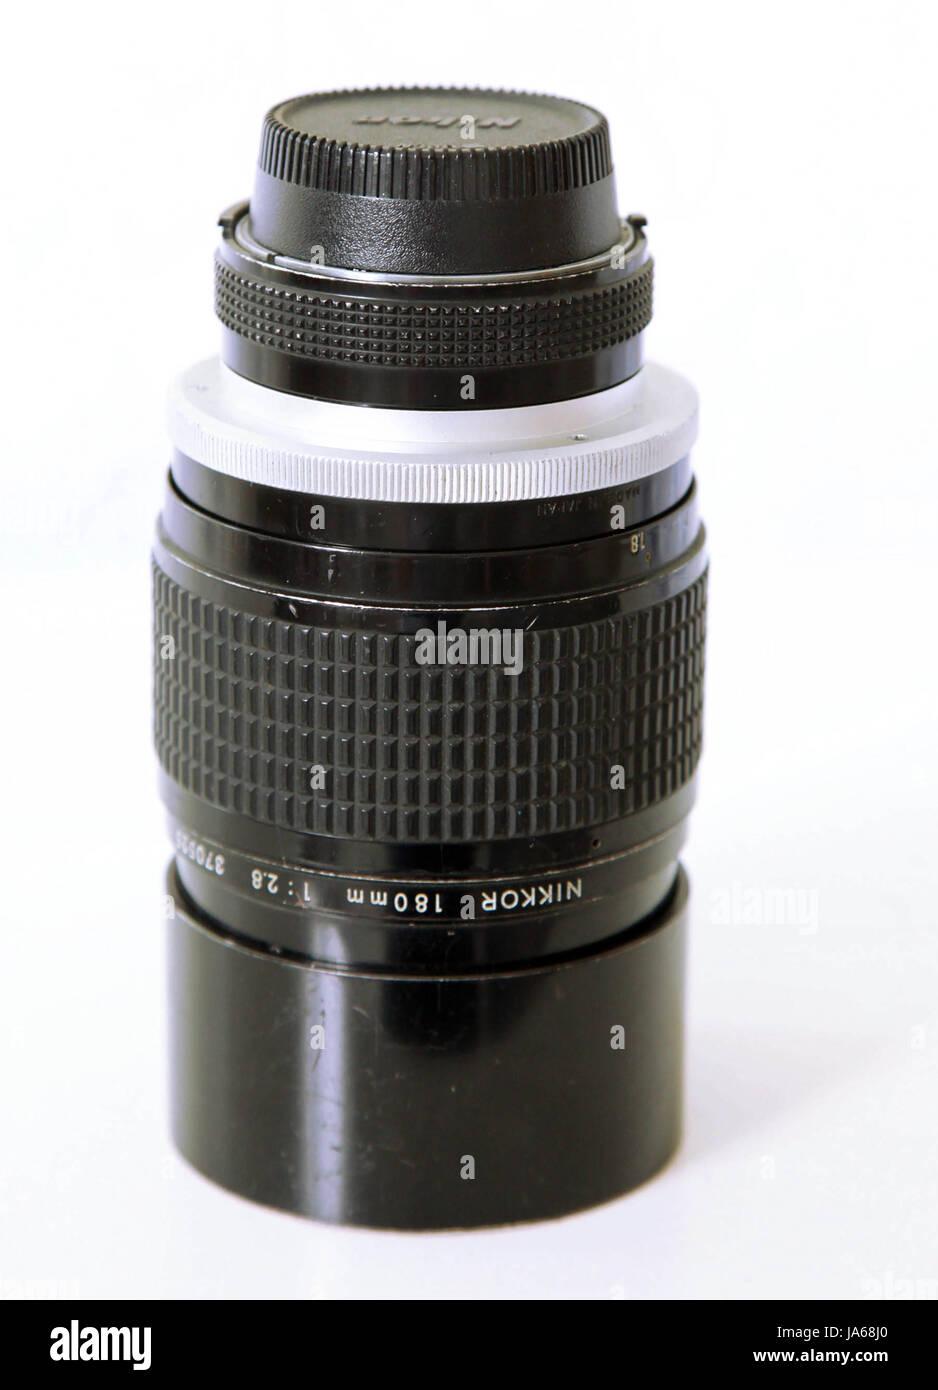 Nikkor 180mm f2.8 teleobiettivo, messa a fuoco manuale Immagini Stock